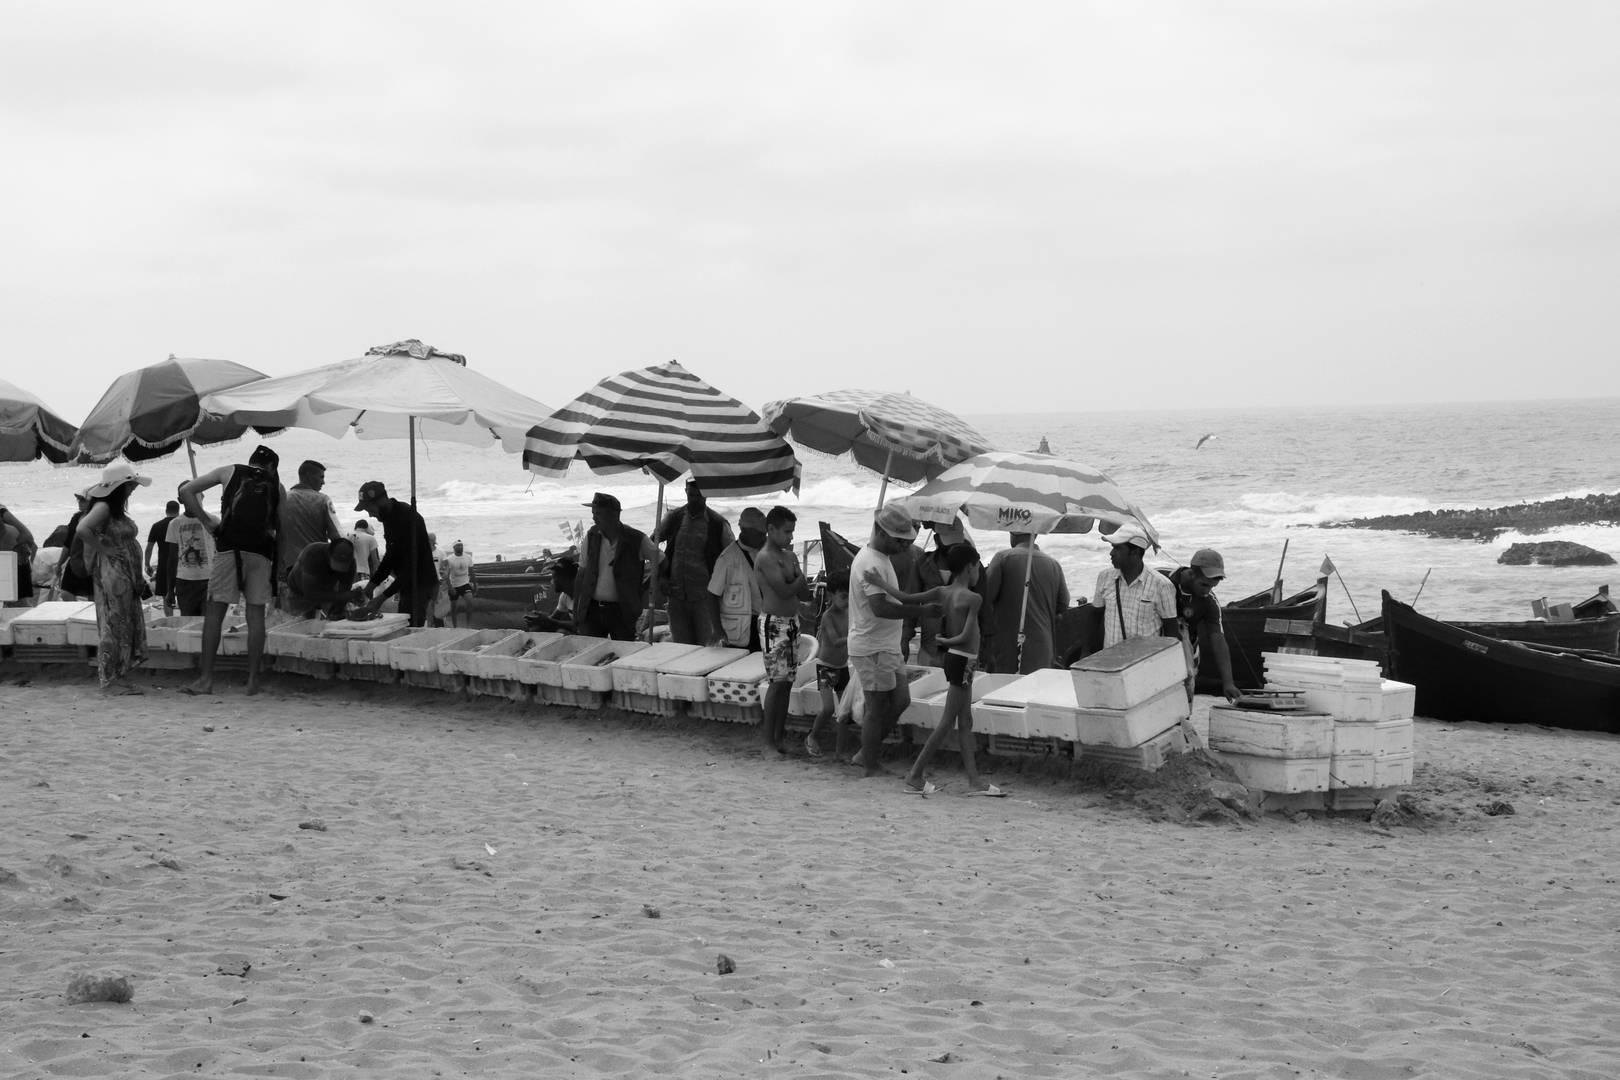 Maroc - Vendeurs de poissons sur la plage de Oualidia